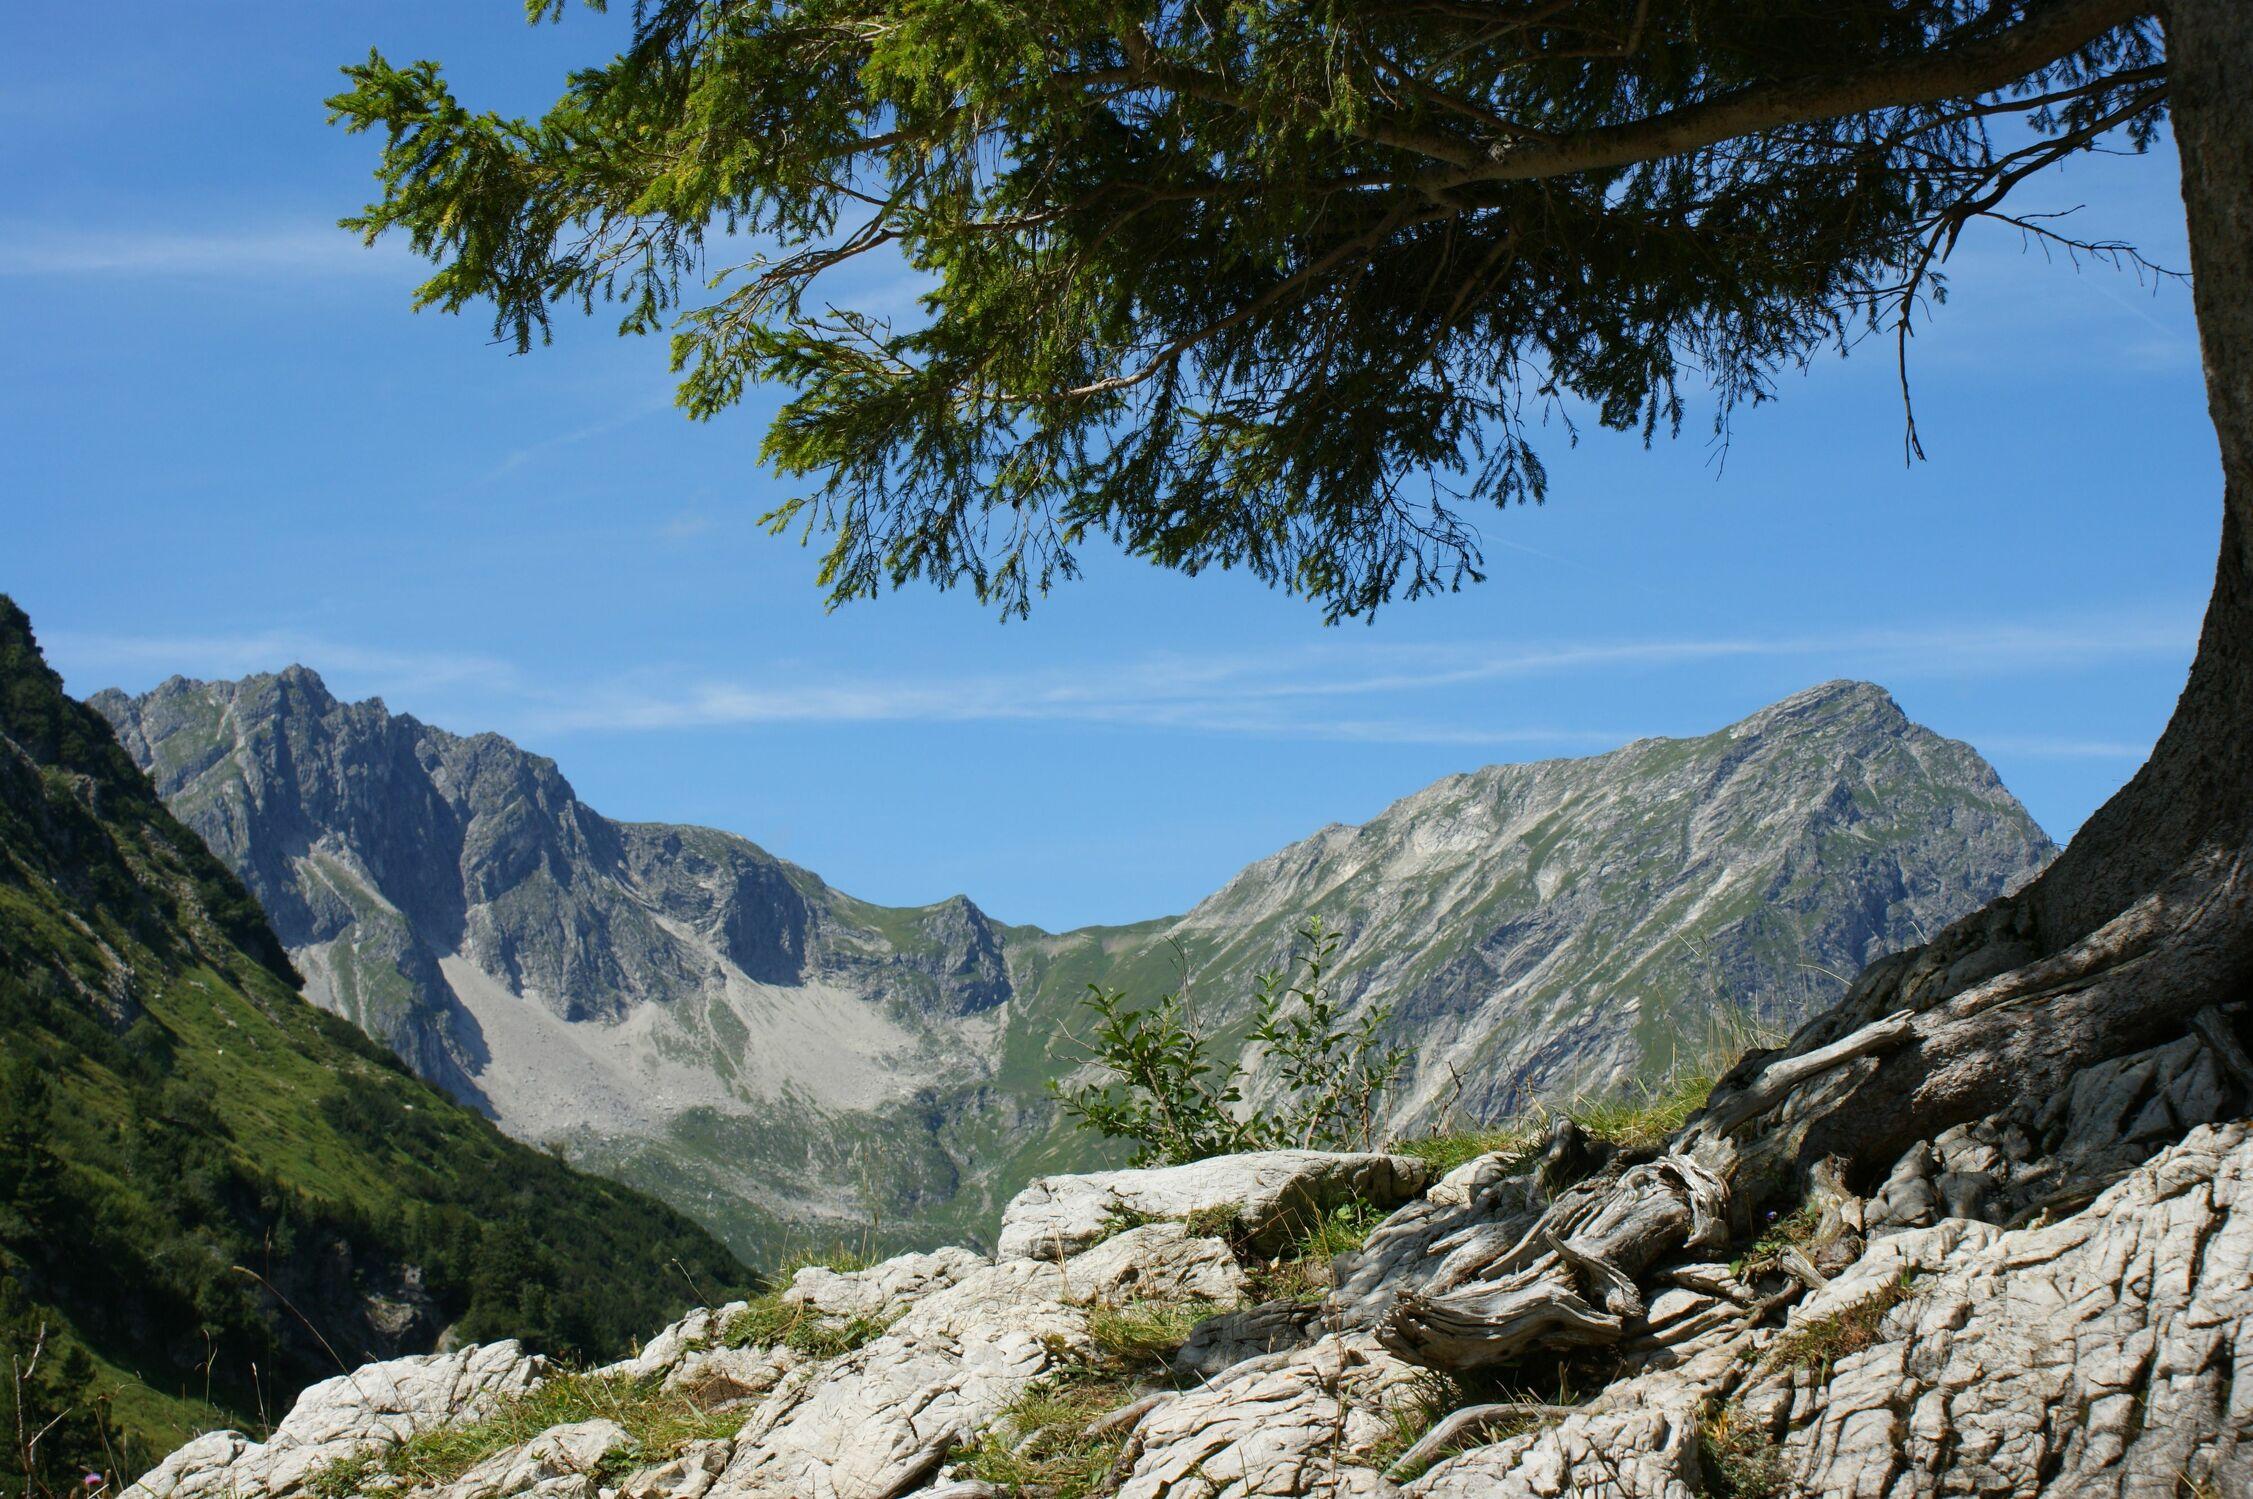 Bild mit Berge, Tanne, Tannen, Bergwelten, berg, tal